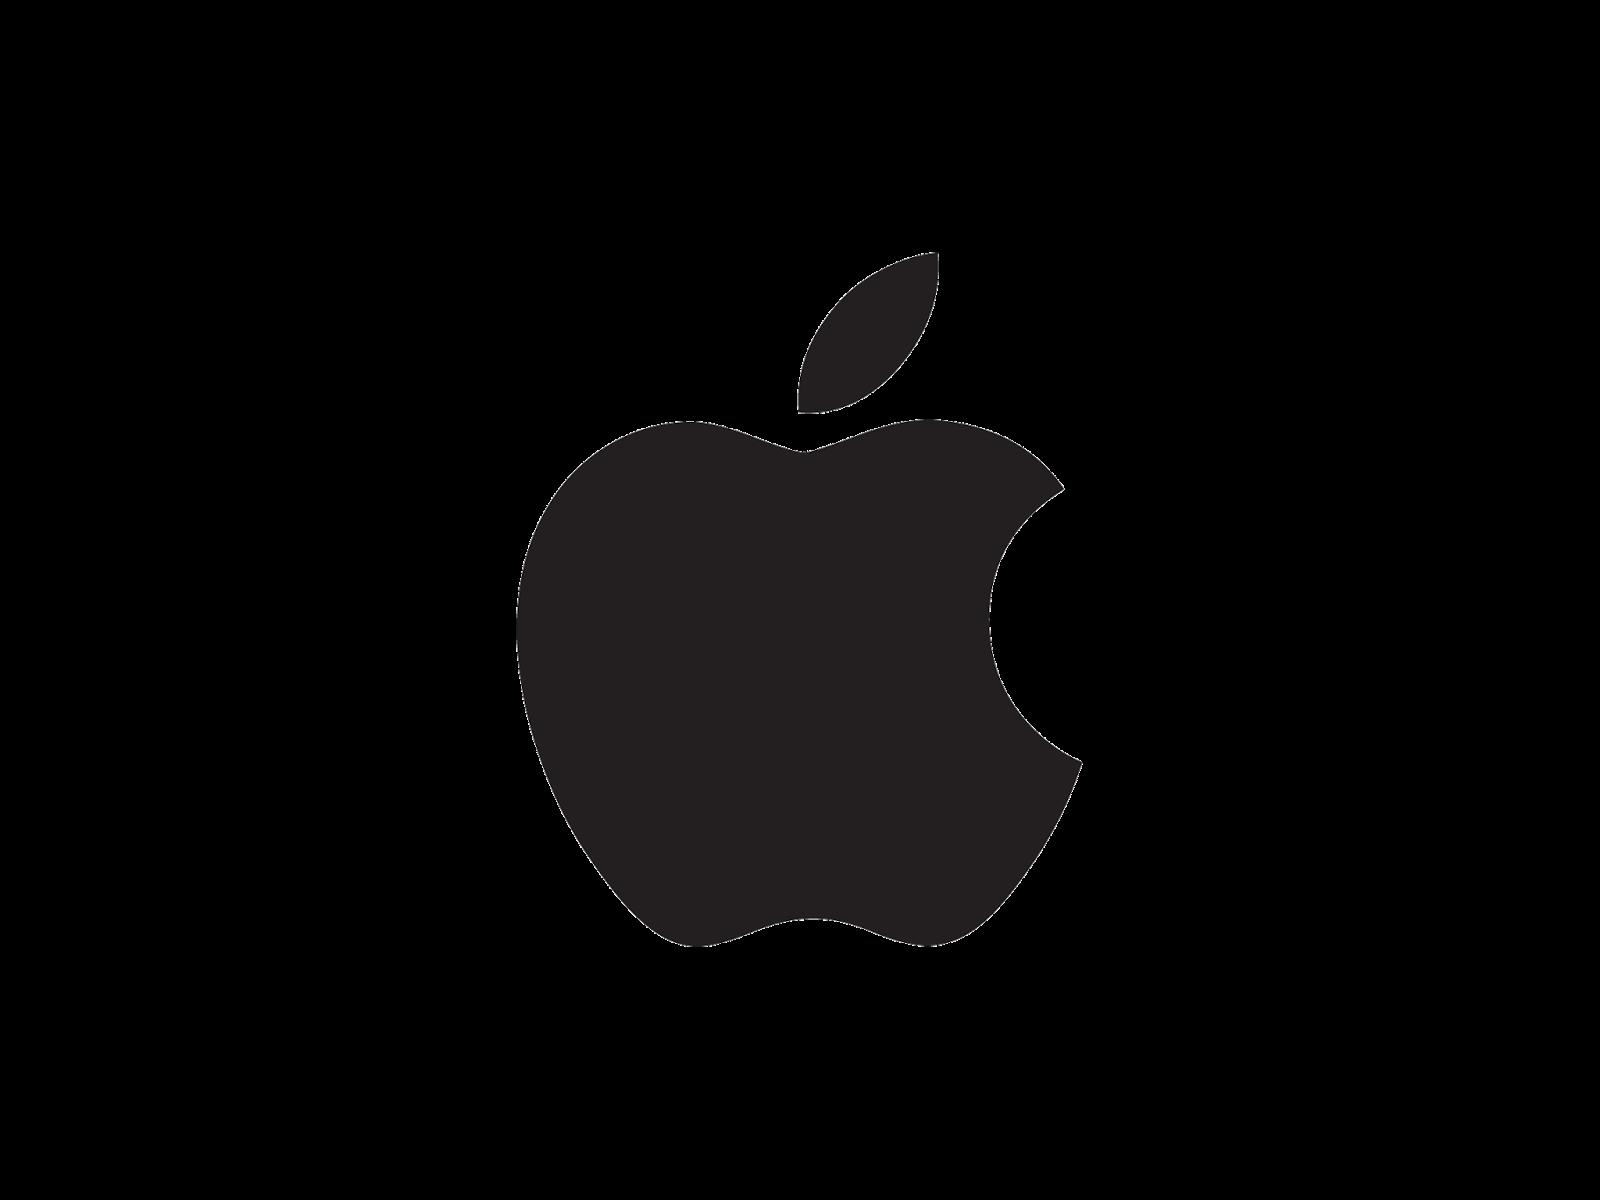 مراكز Apple تقدم ساعة في أساسيات البرمجة مجاناً